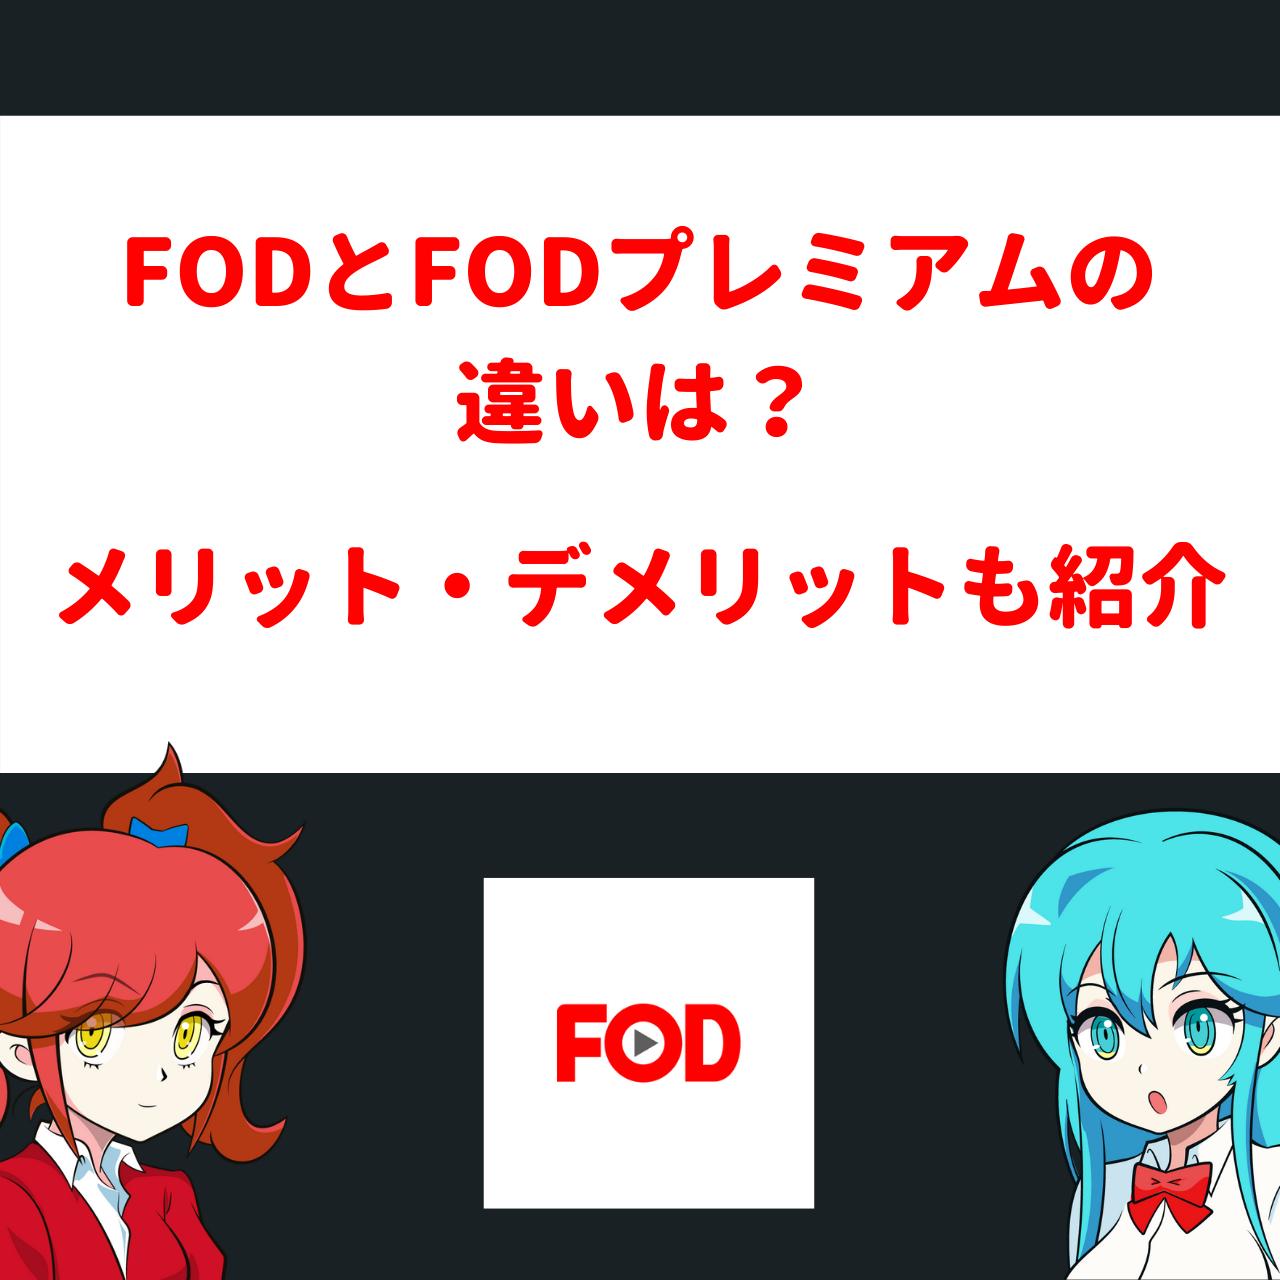 FODとFODプレミアムの違いは?メリット・デメリットも紹介